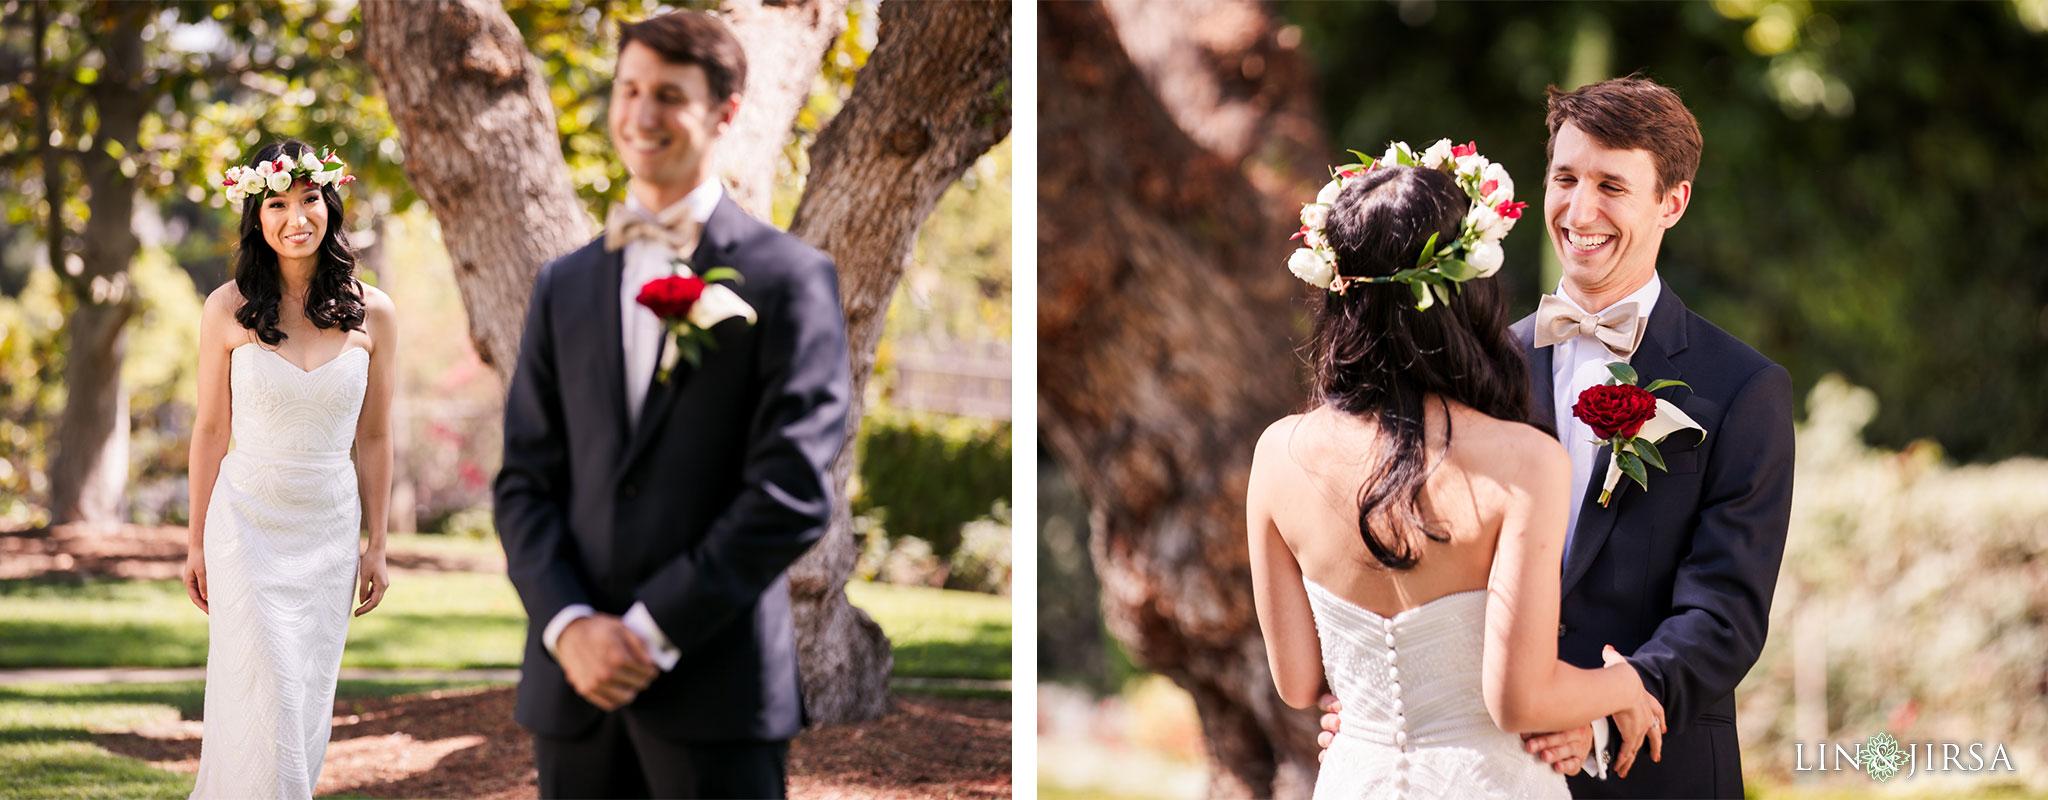 011 richard nixon library wedding photography